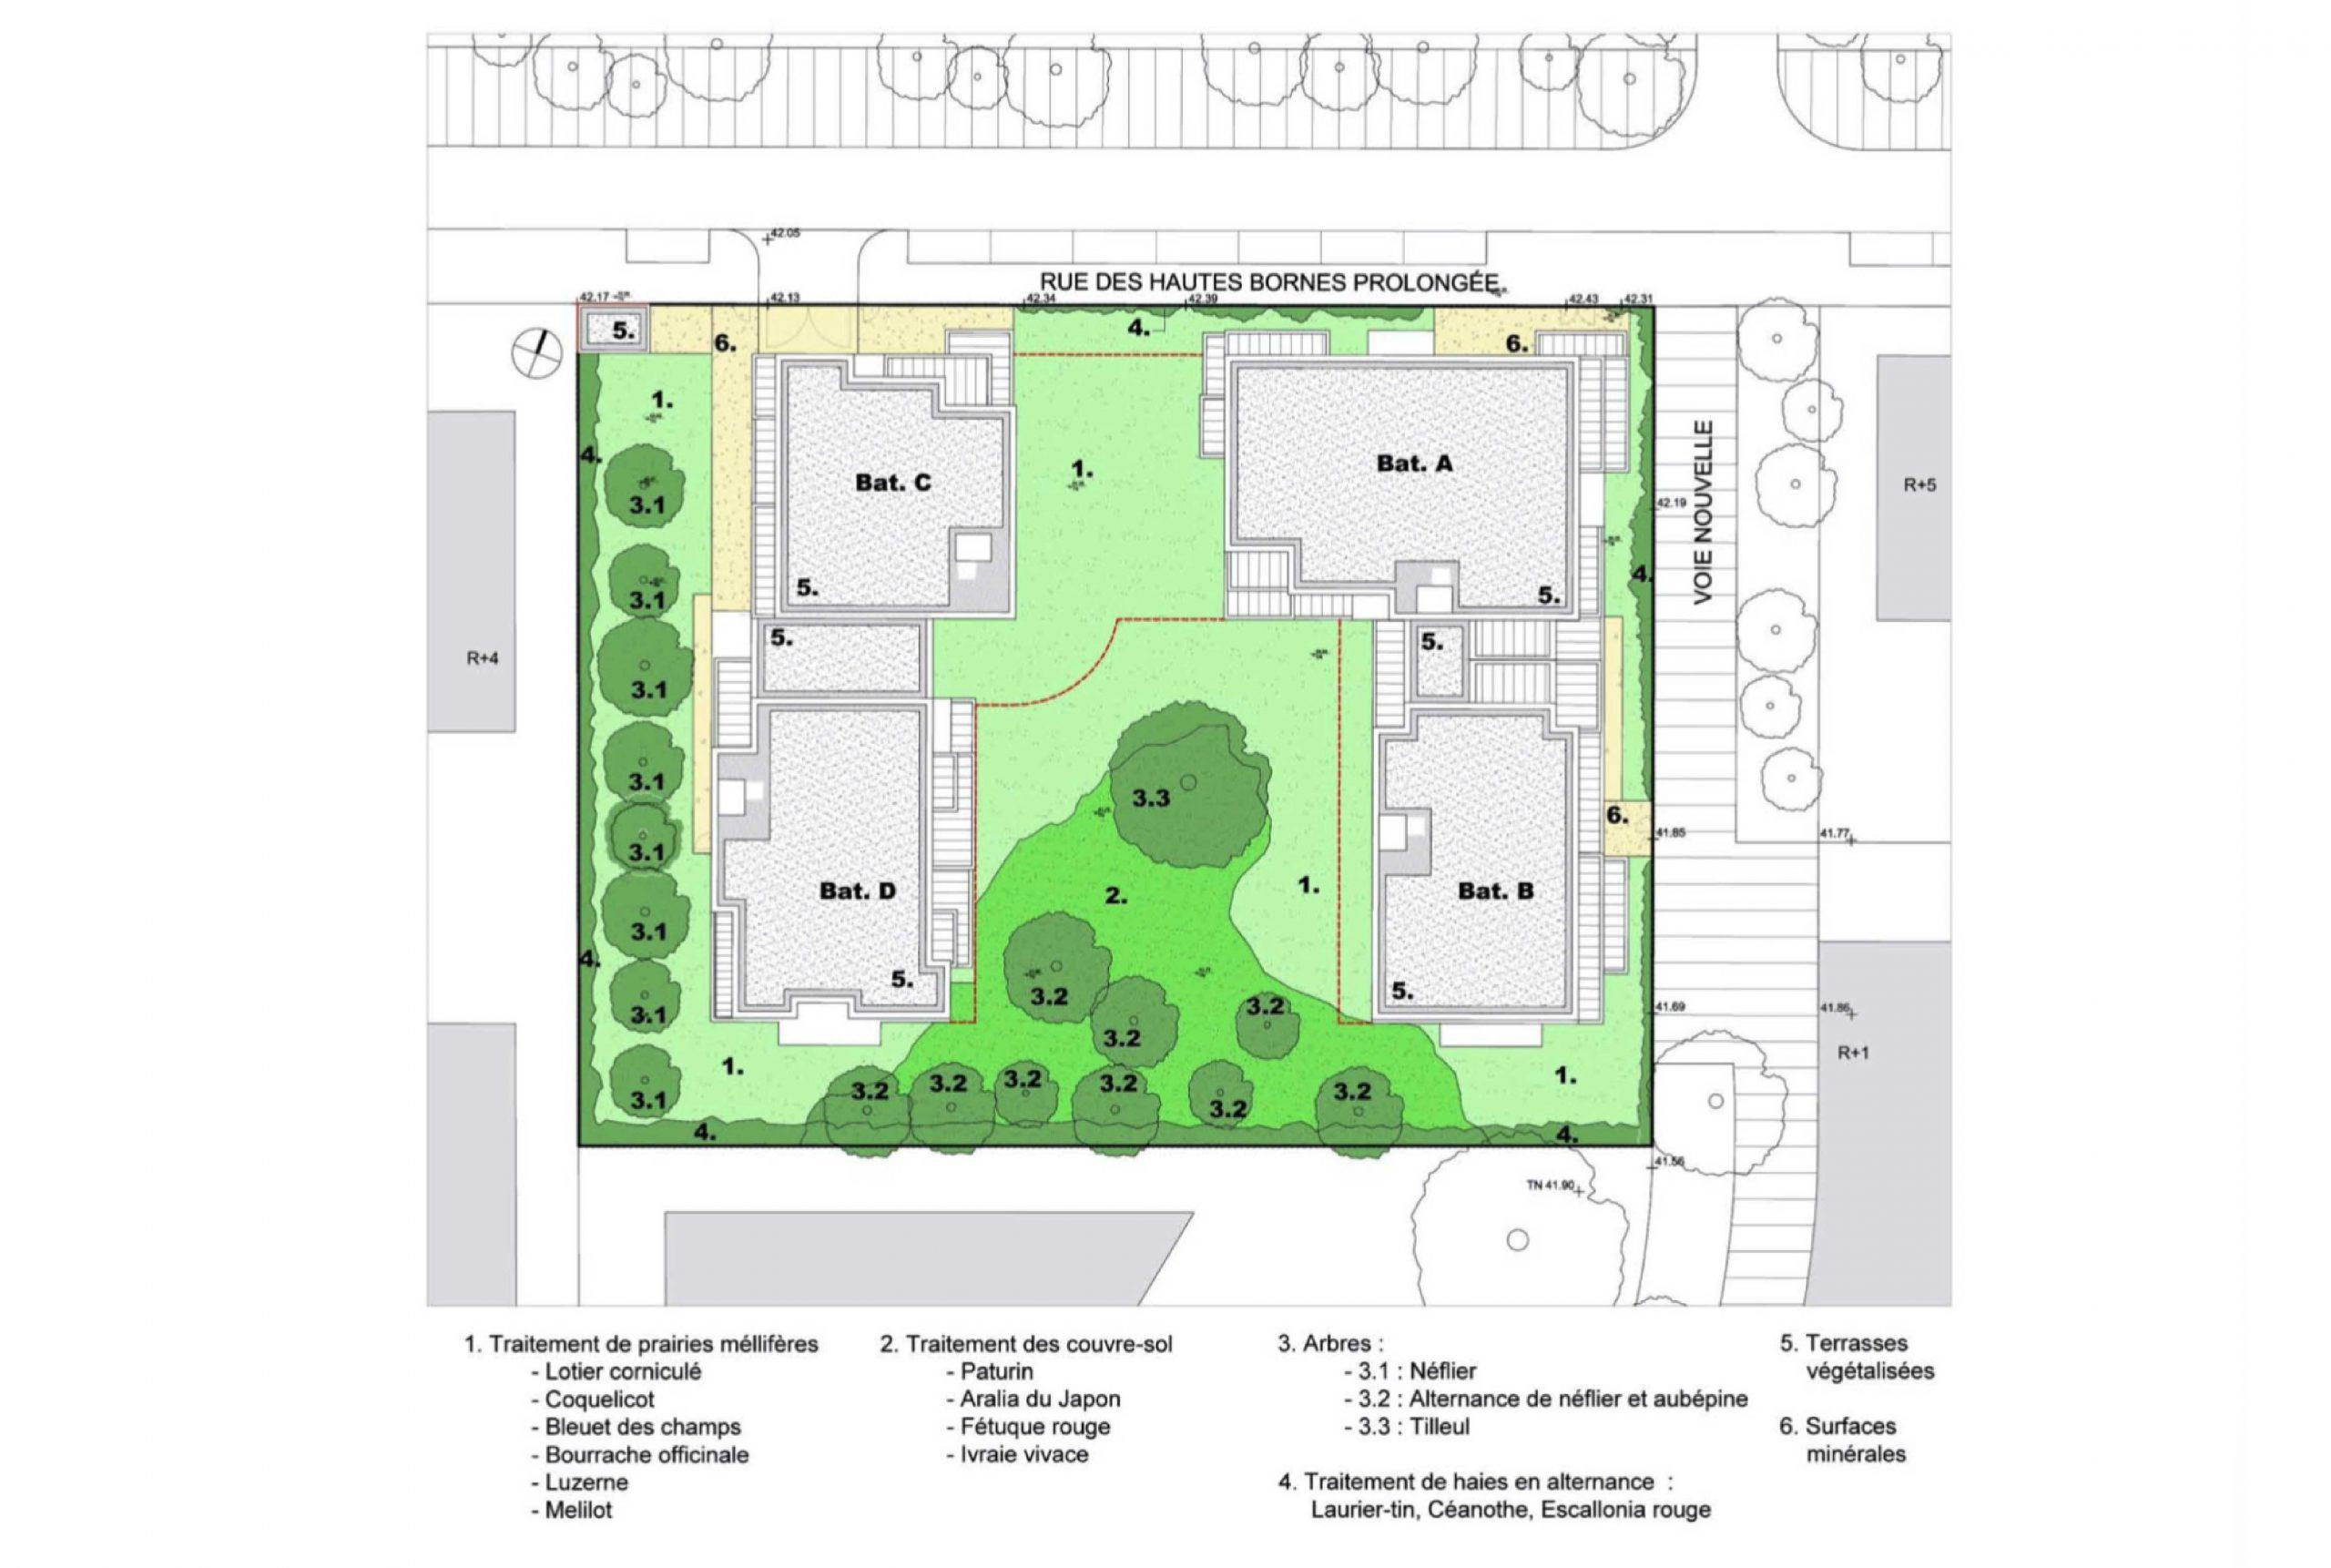 Projet logement Orly Calmette 3 par Atelier JS Tabet